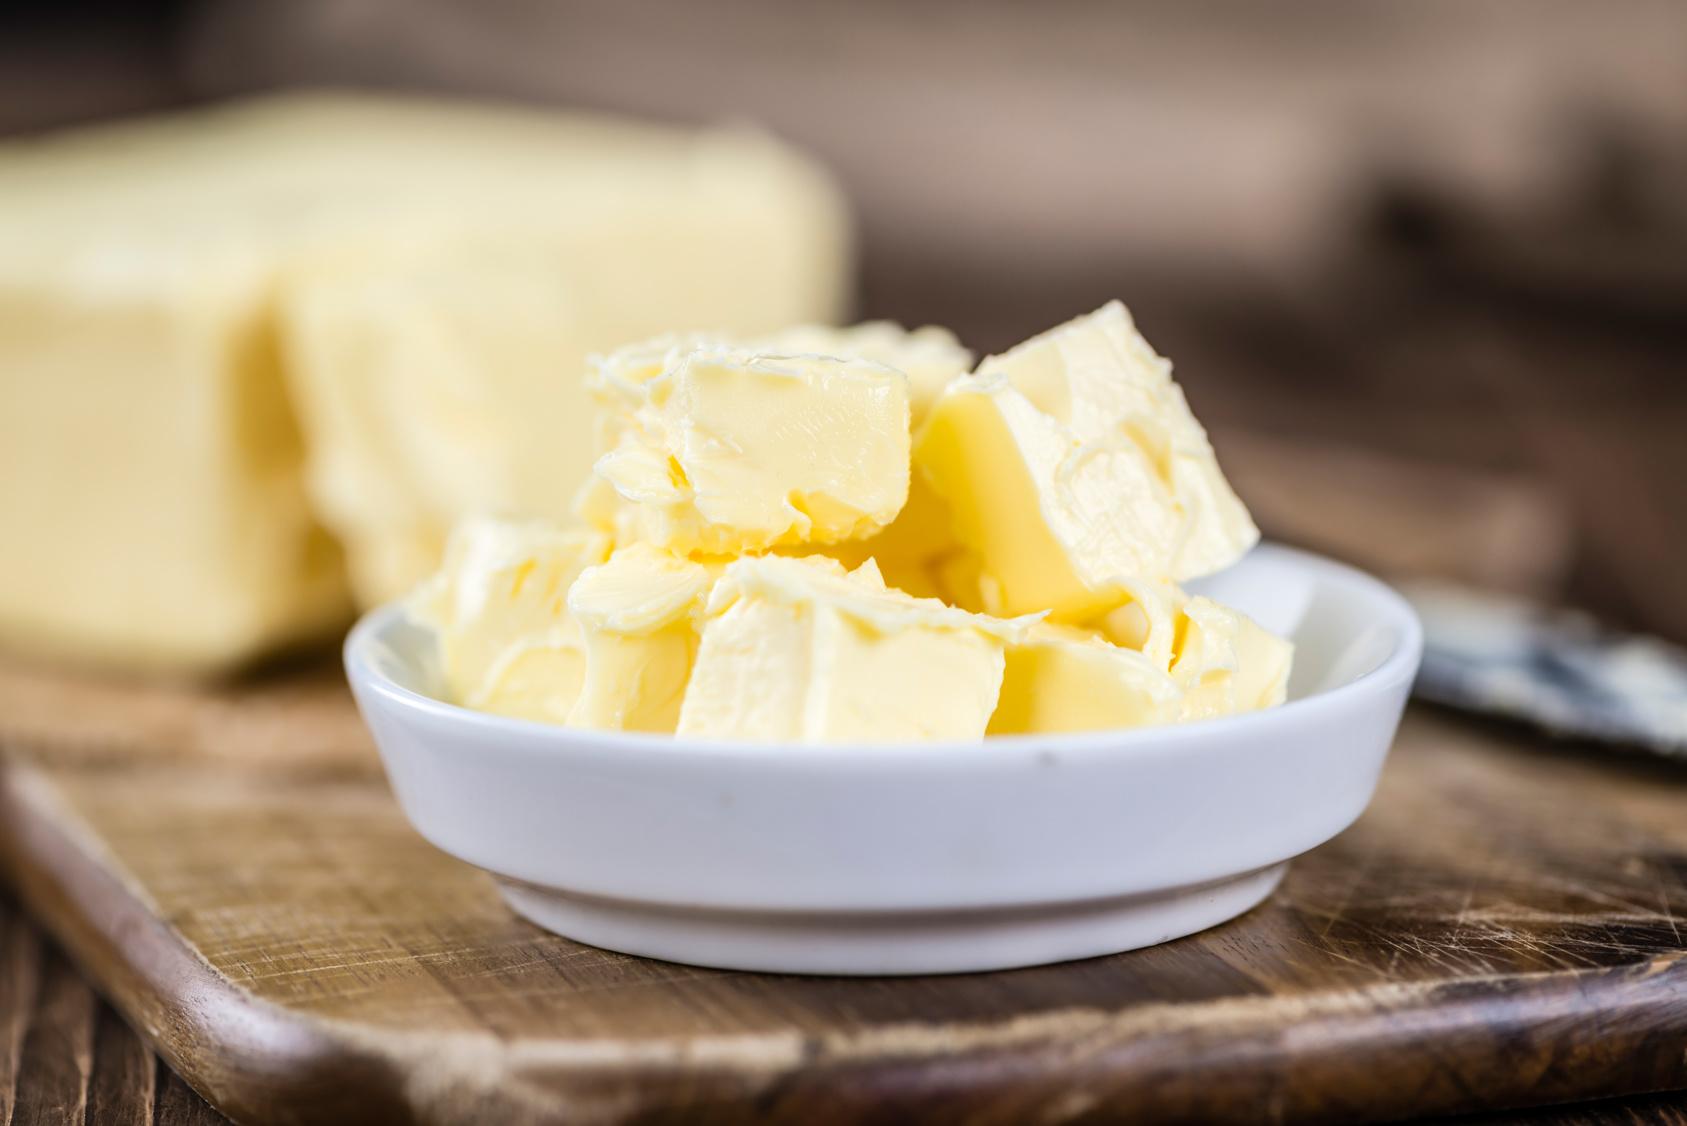 Recette de beurre fait maison cuisine blog - Congeler de la creme fraiche ...